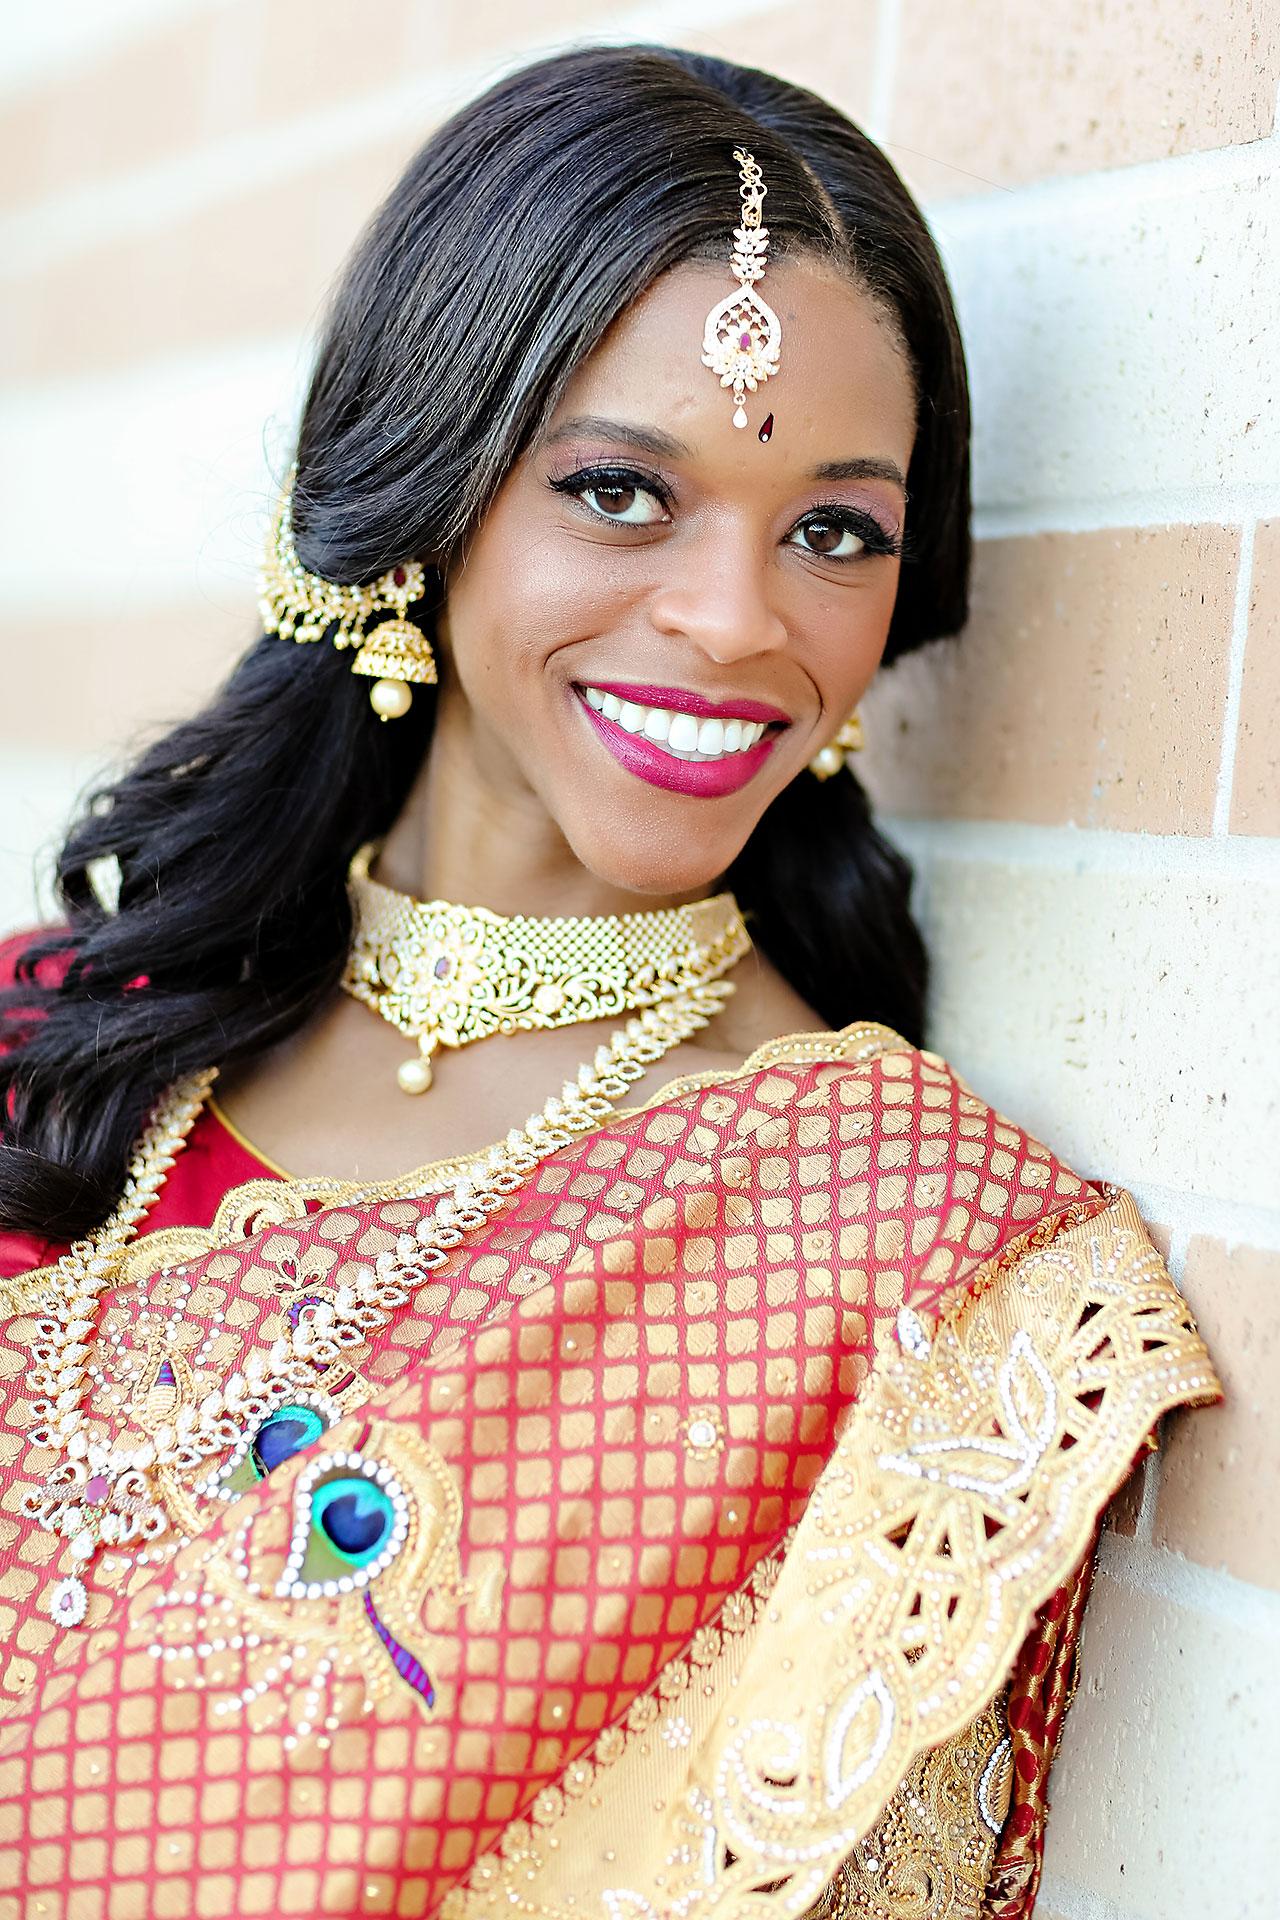 Joie Nikhil JW Marriott Indian Wedding 073